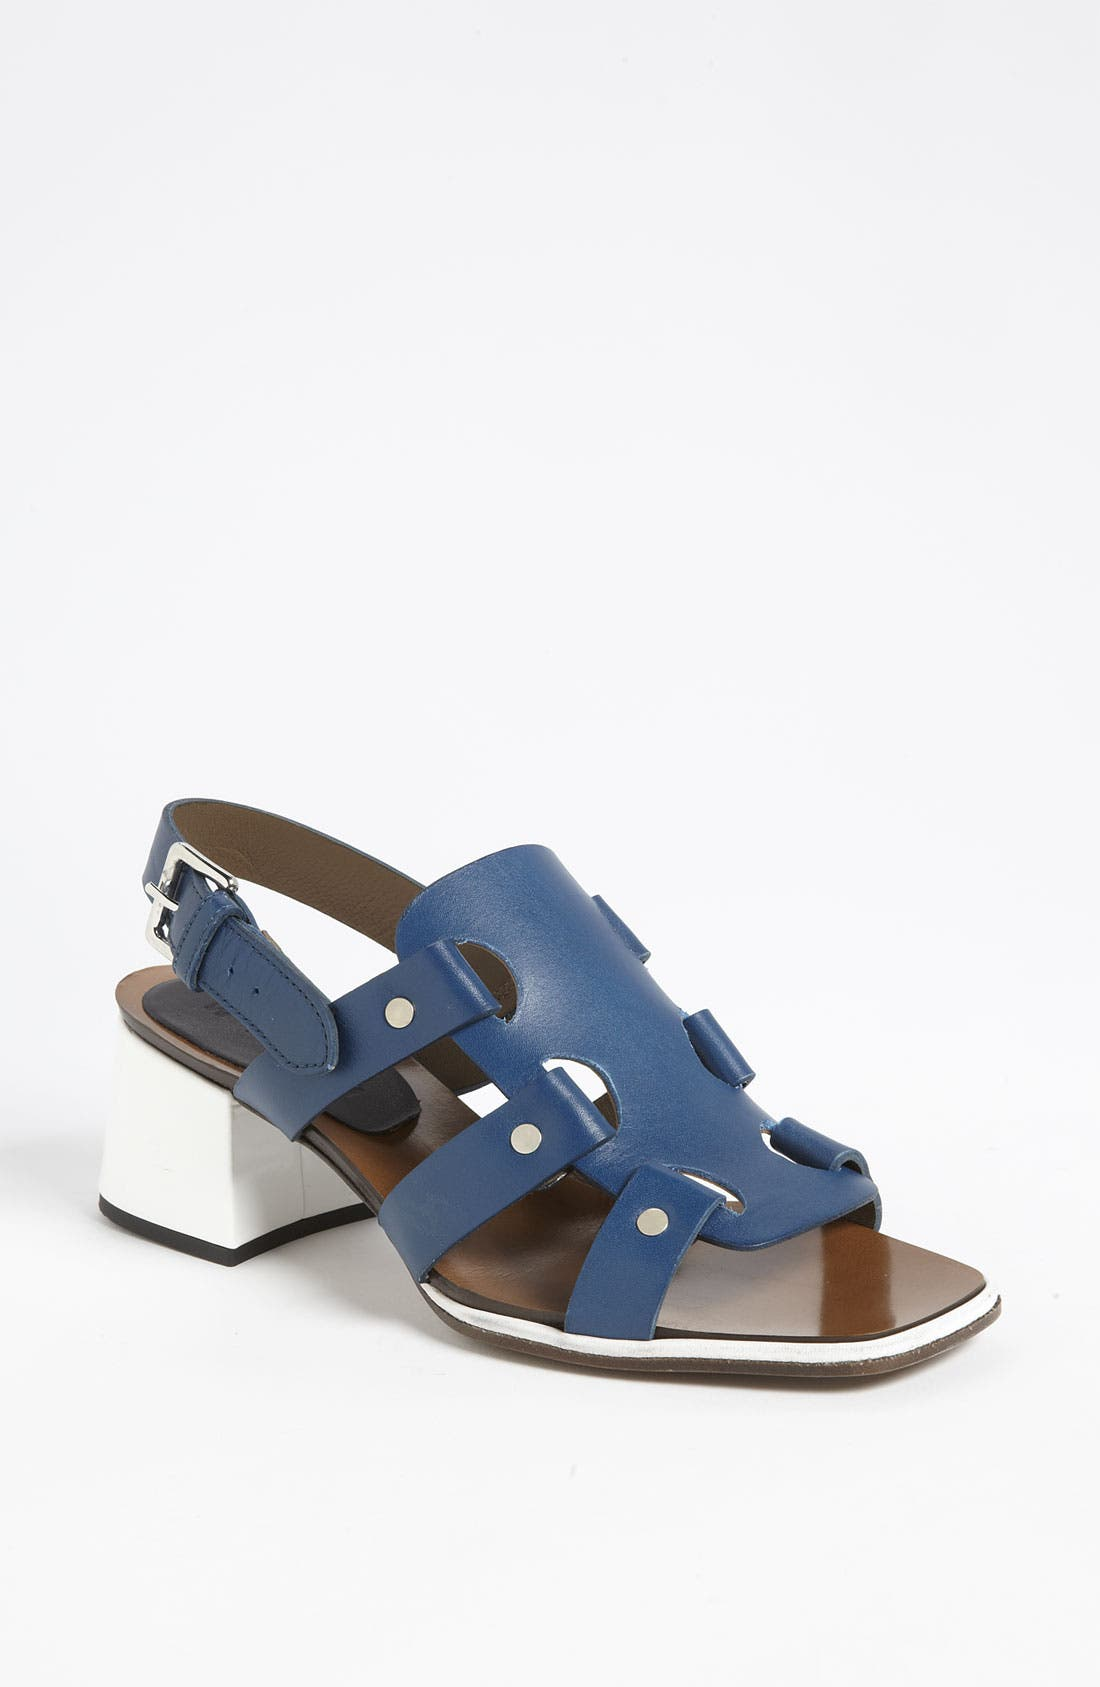 Alternate Image 1 Selected - Marni Block Heel Sandal